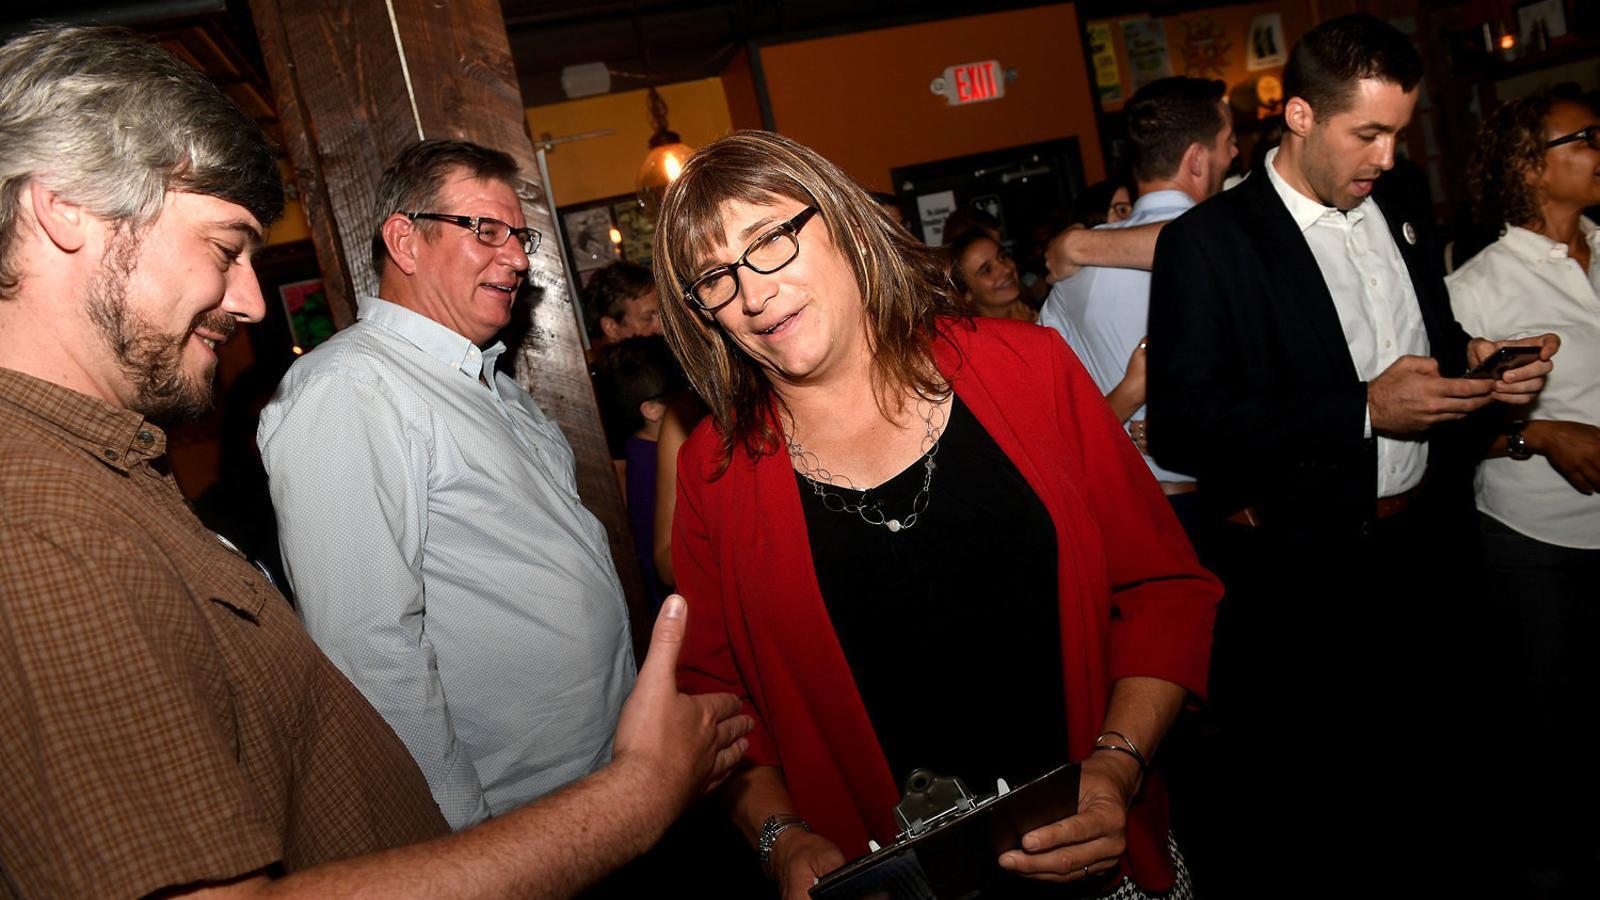 La candidata transgènere, després de guanyar les primàries demòcrates per a la governació a Vermont.